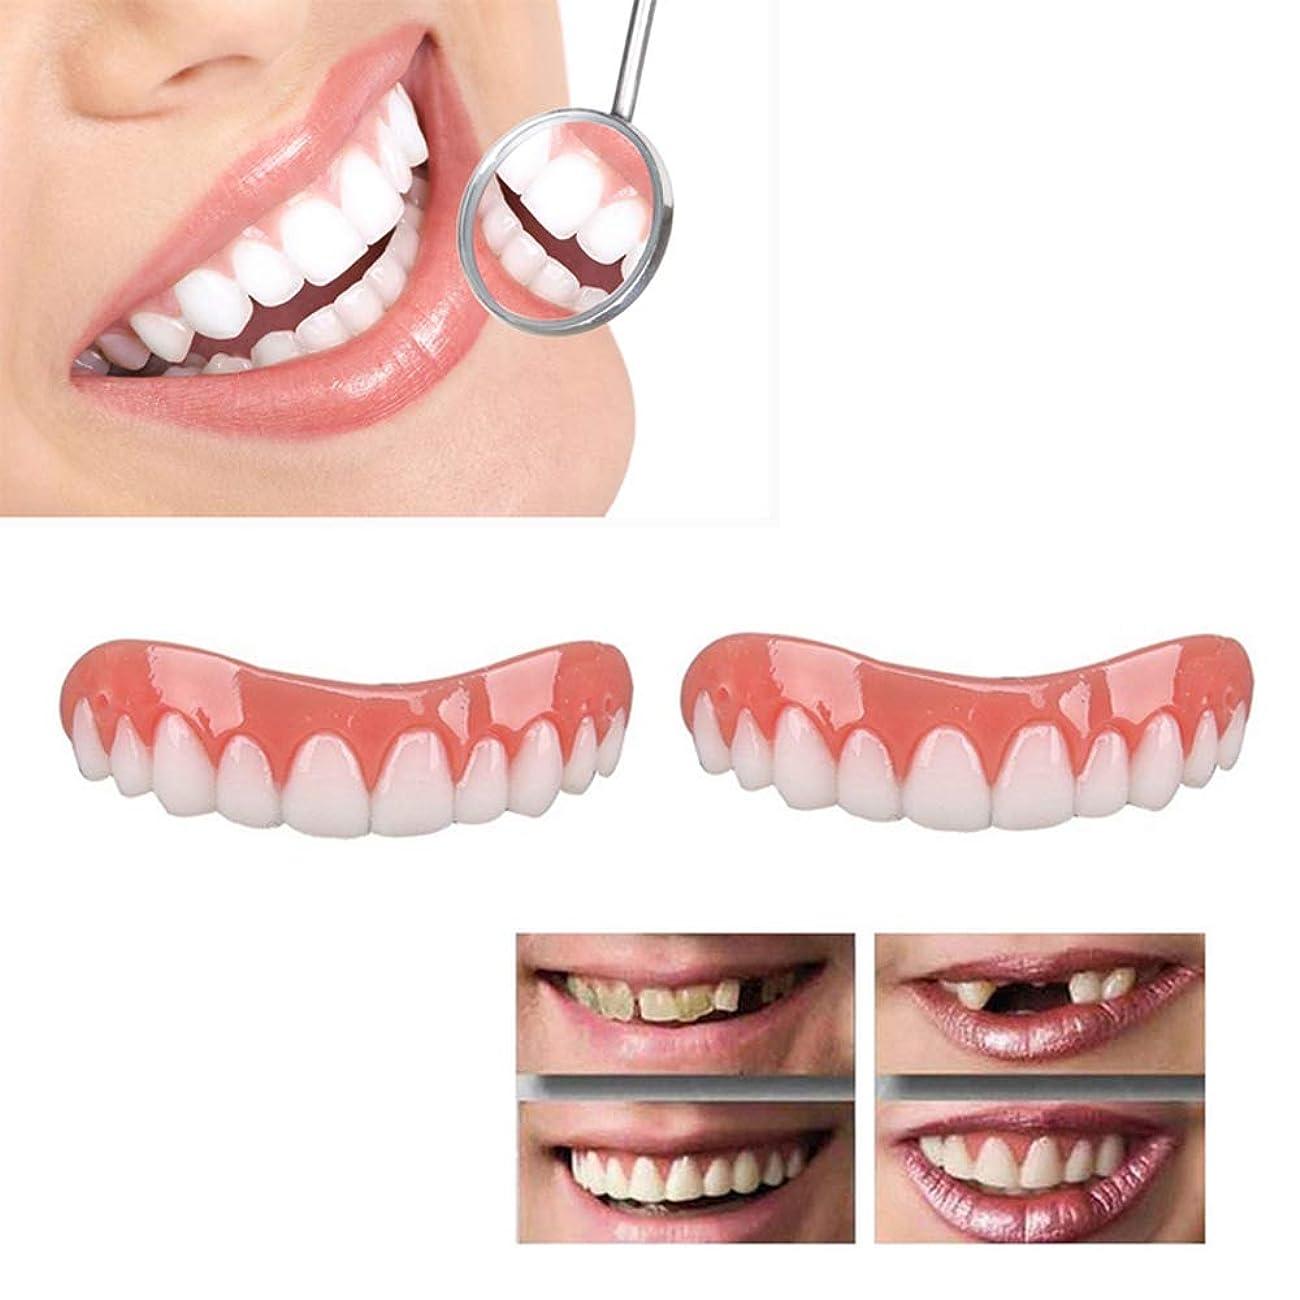 四絶滅した立法一時的な歯の矯正のための笑顔のベニヤコンフォートフィットフレックスアッパー歯セット上の偽歯インスタントスナップ